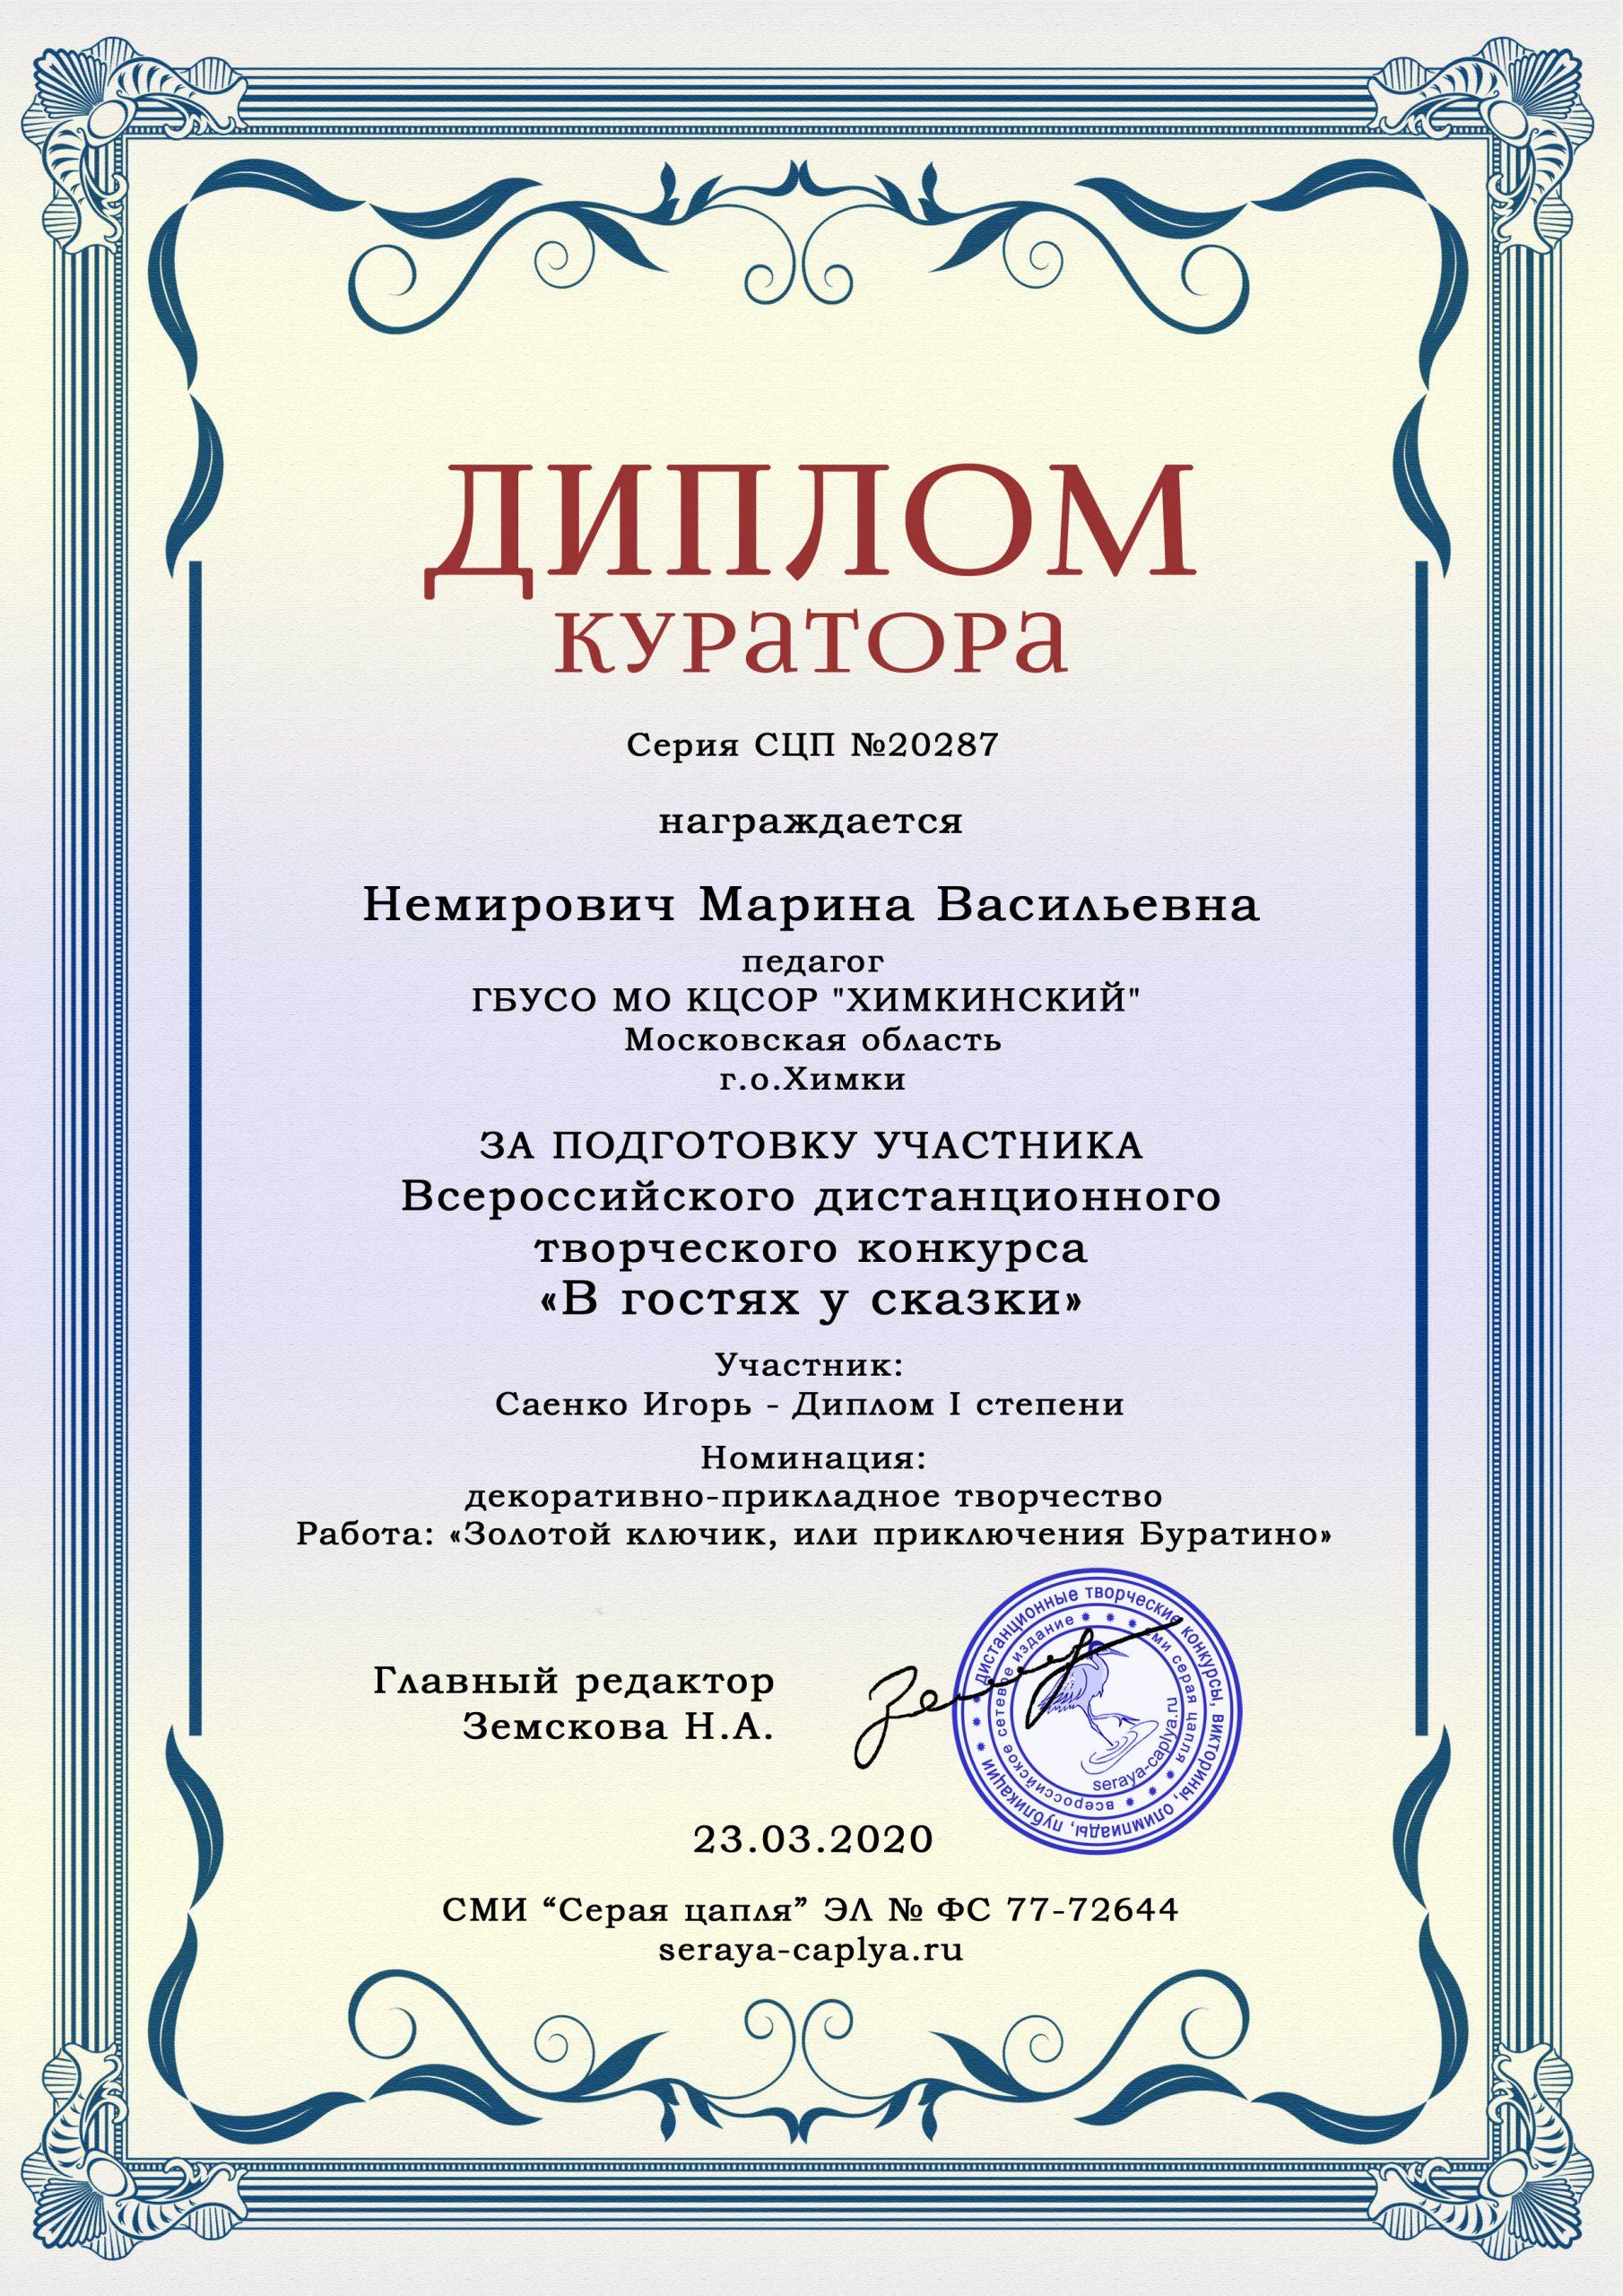 Немирович-Саенко